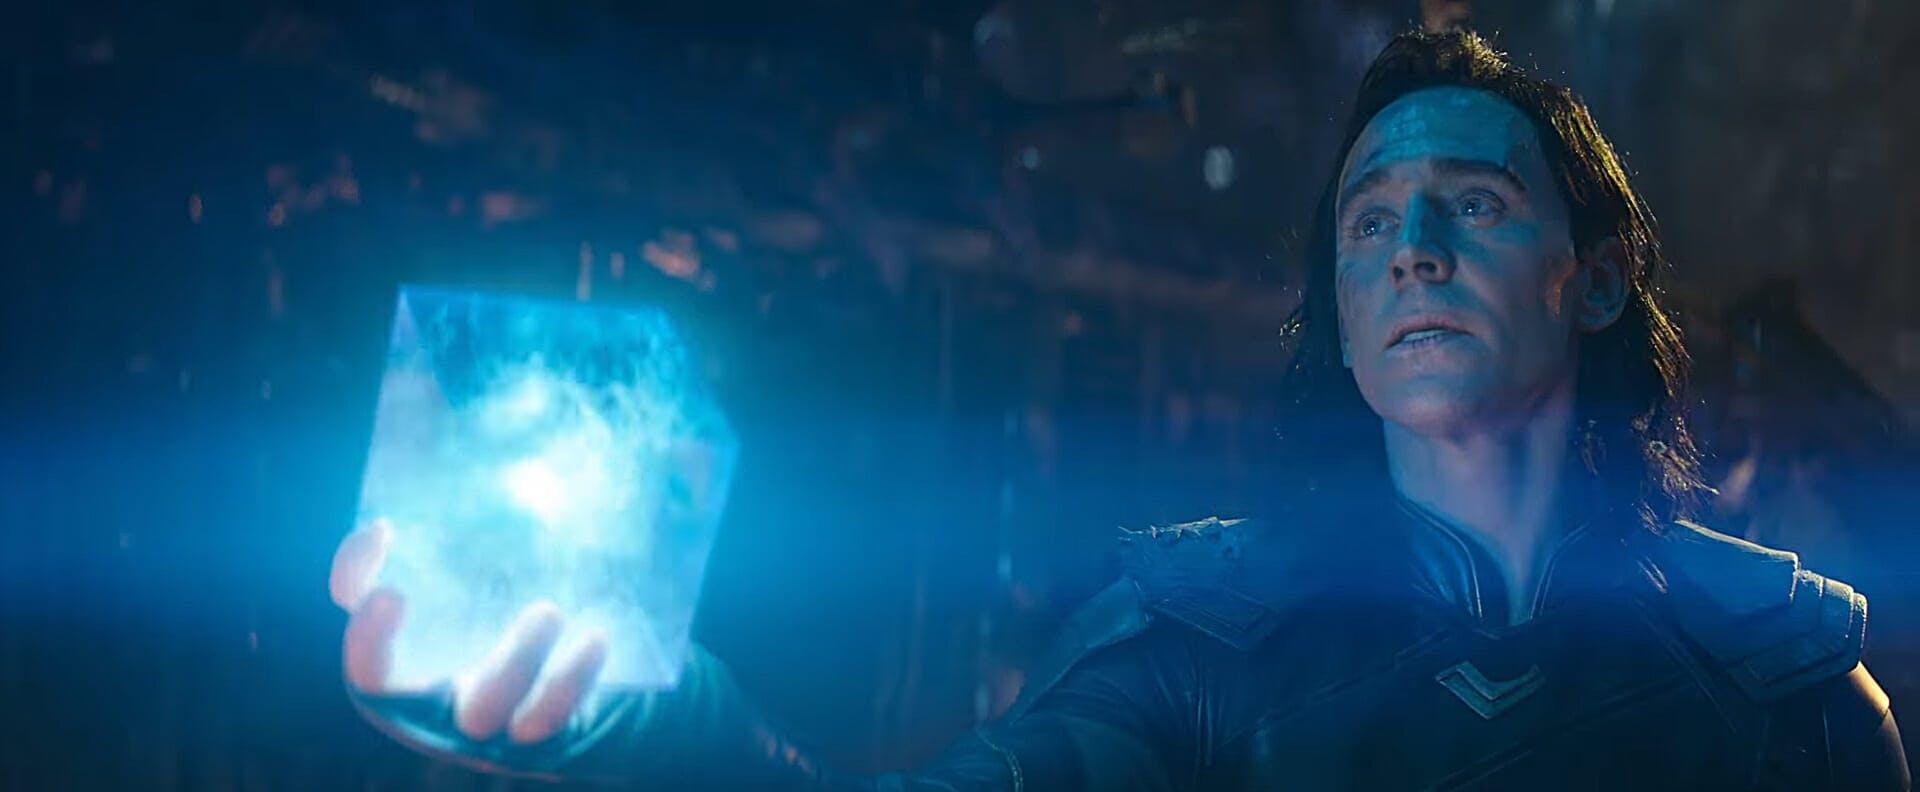 mcu phase 4 - Loki gives an Infinity Stone to Thanos